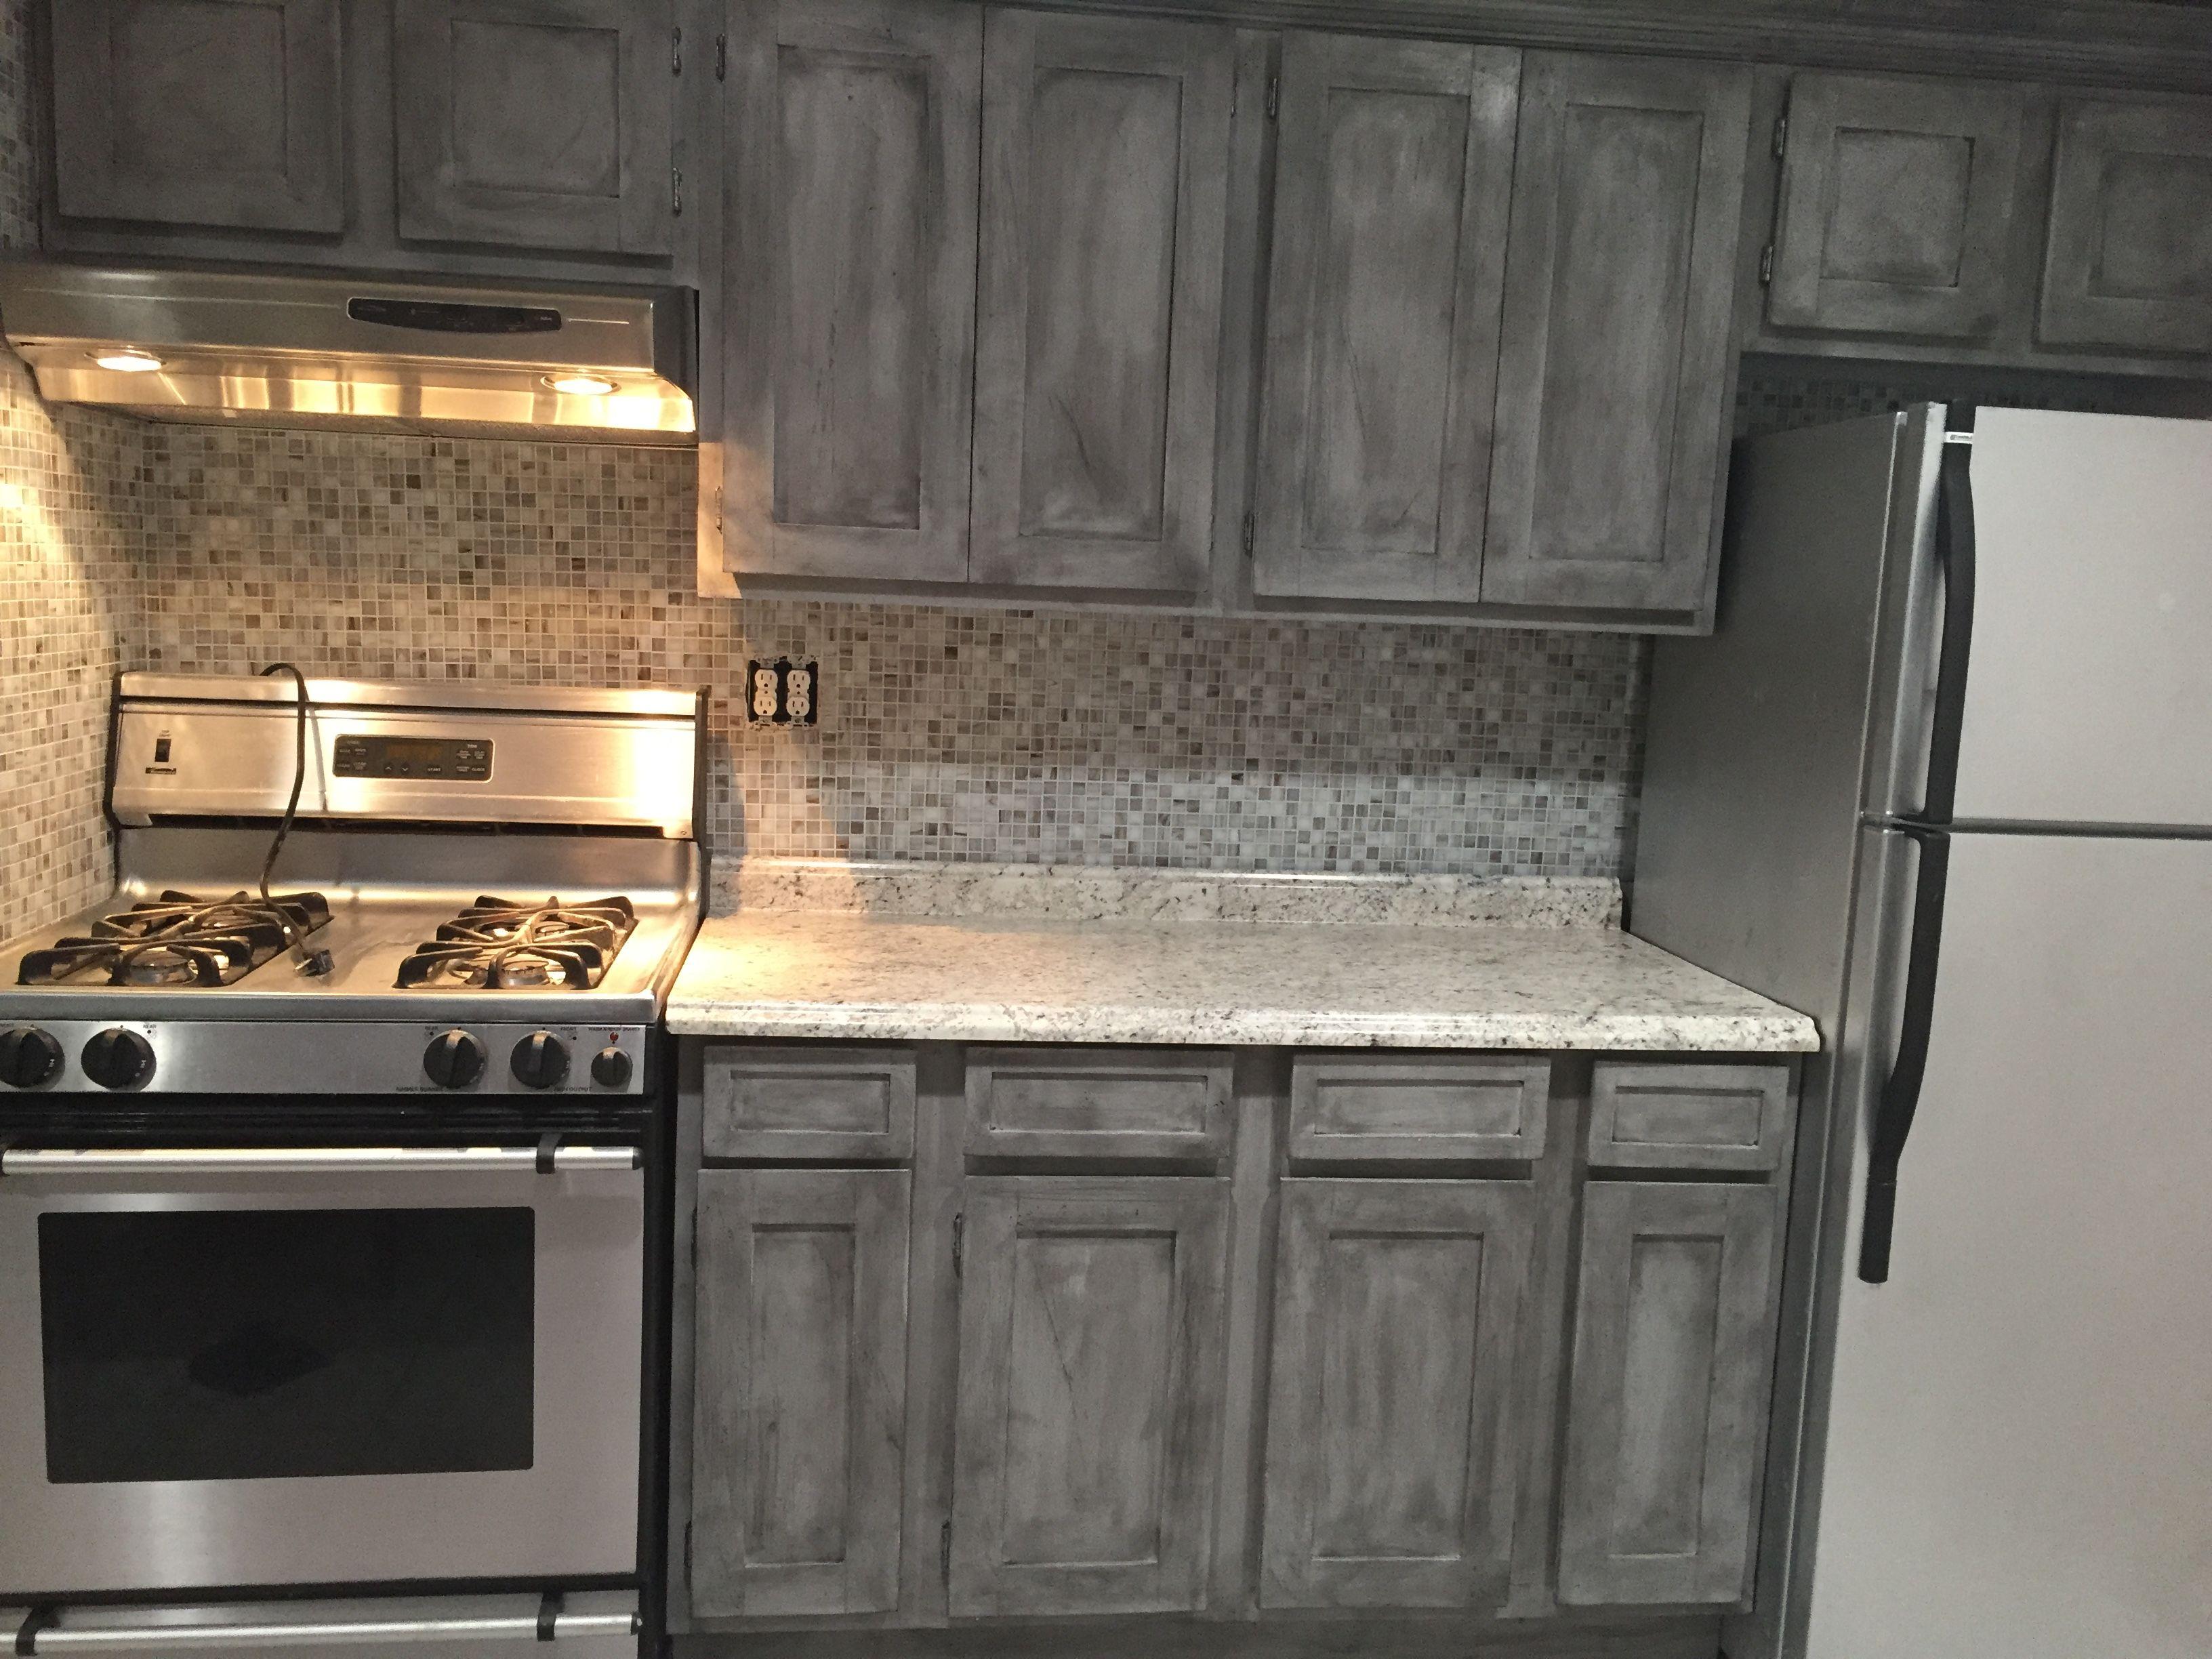 Annie Sloan Paris Grey with black wax on kitchen cabinets